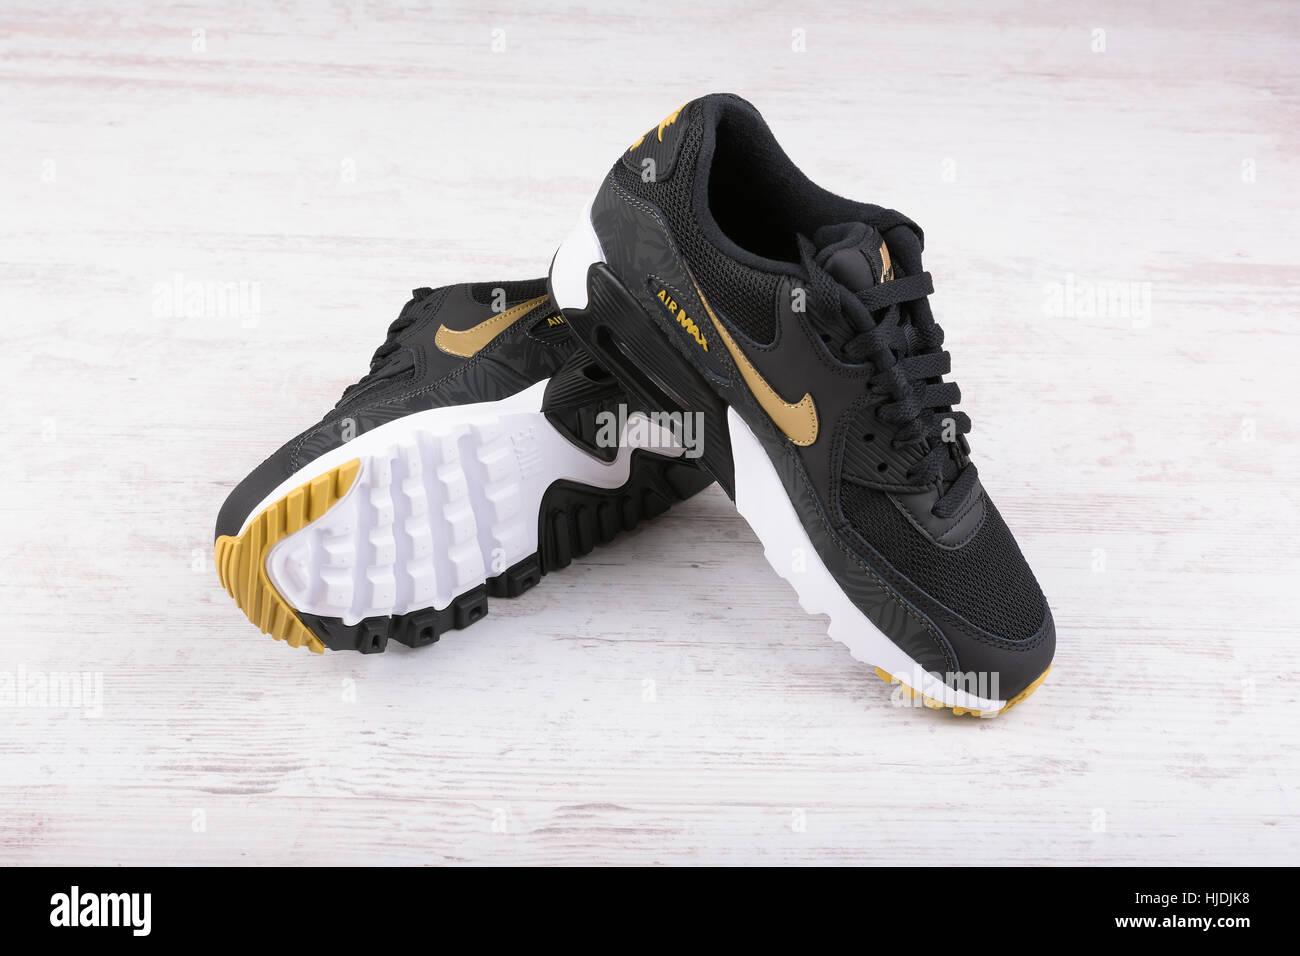 Nike Shoe Photos & Nike Shoe Images Alamy